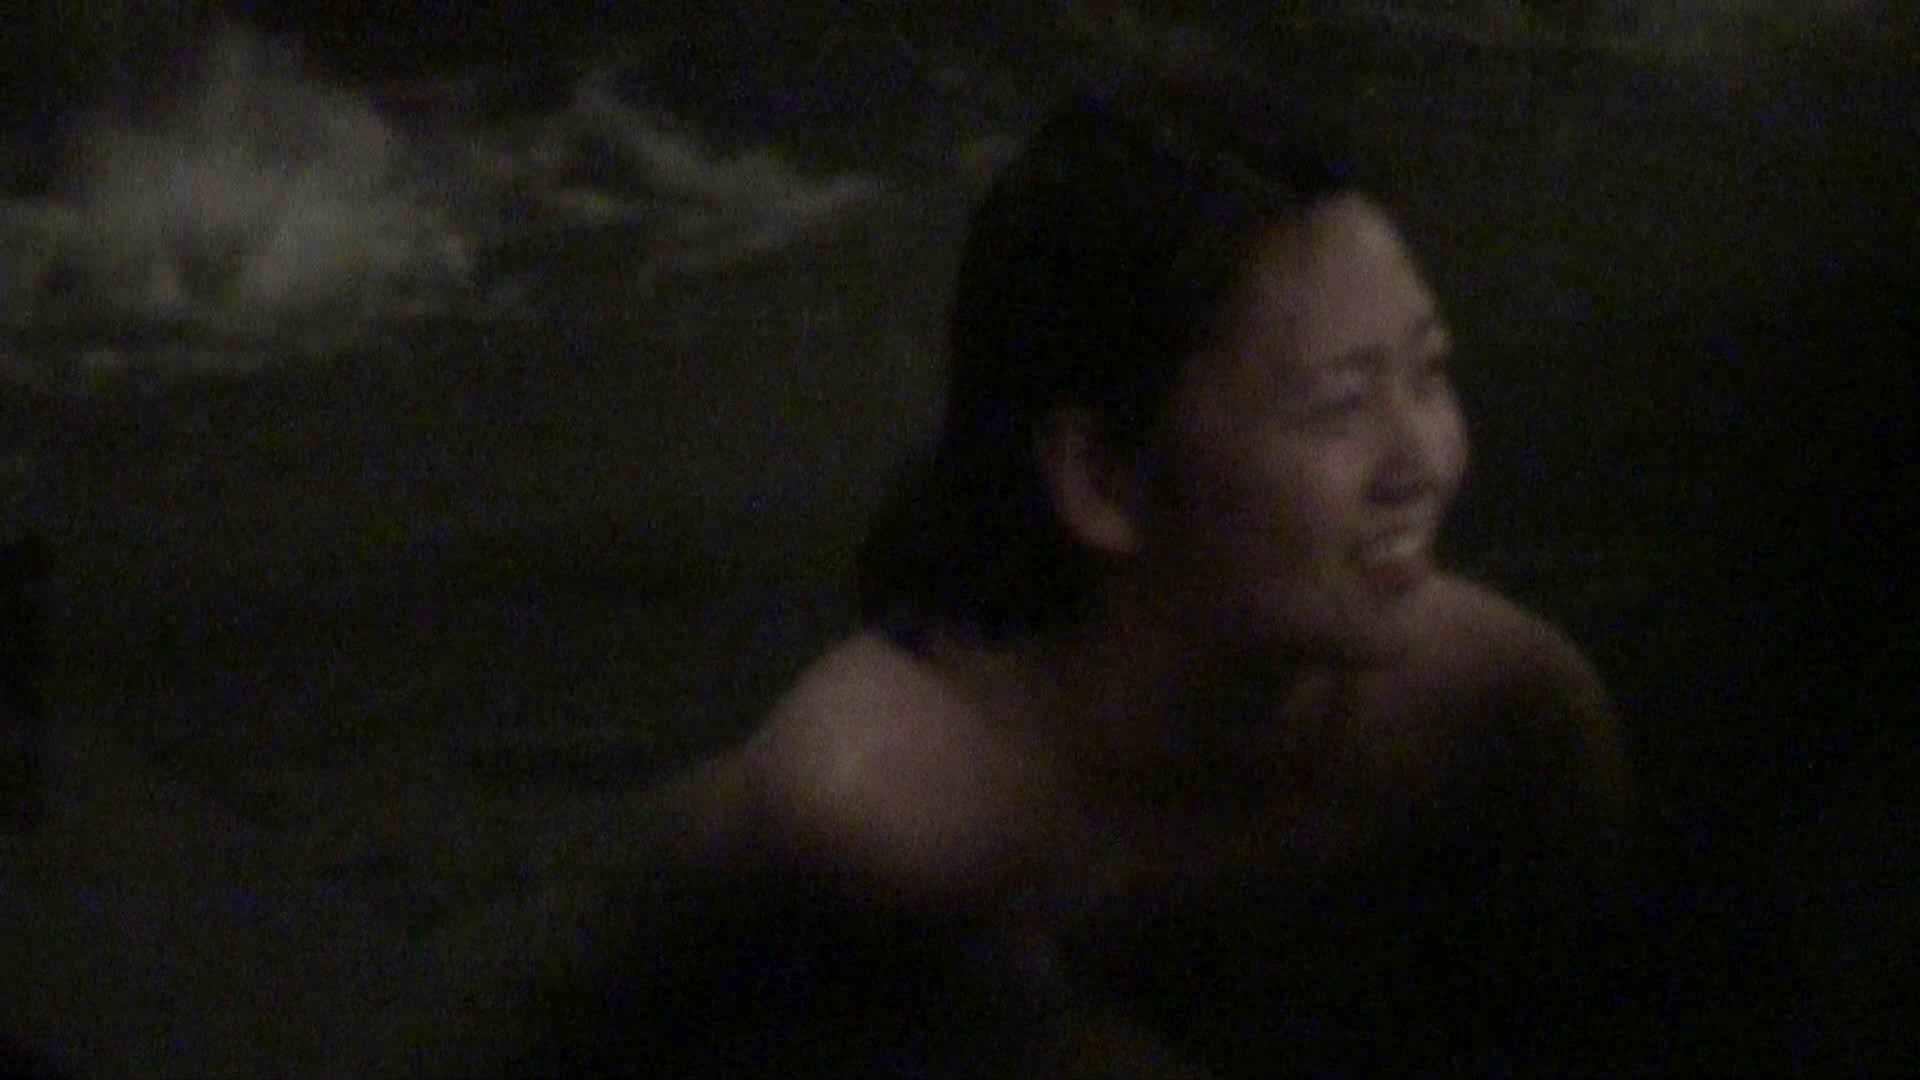 Aquaな露天風呂Vol.342 OLすけべ画像  96連発 69